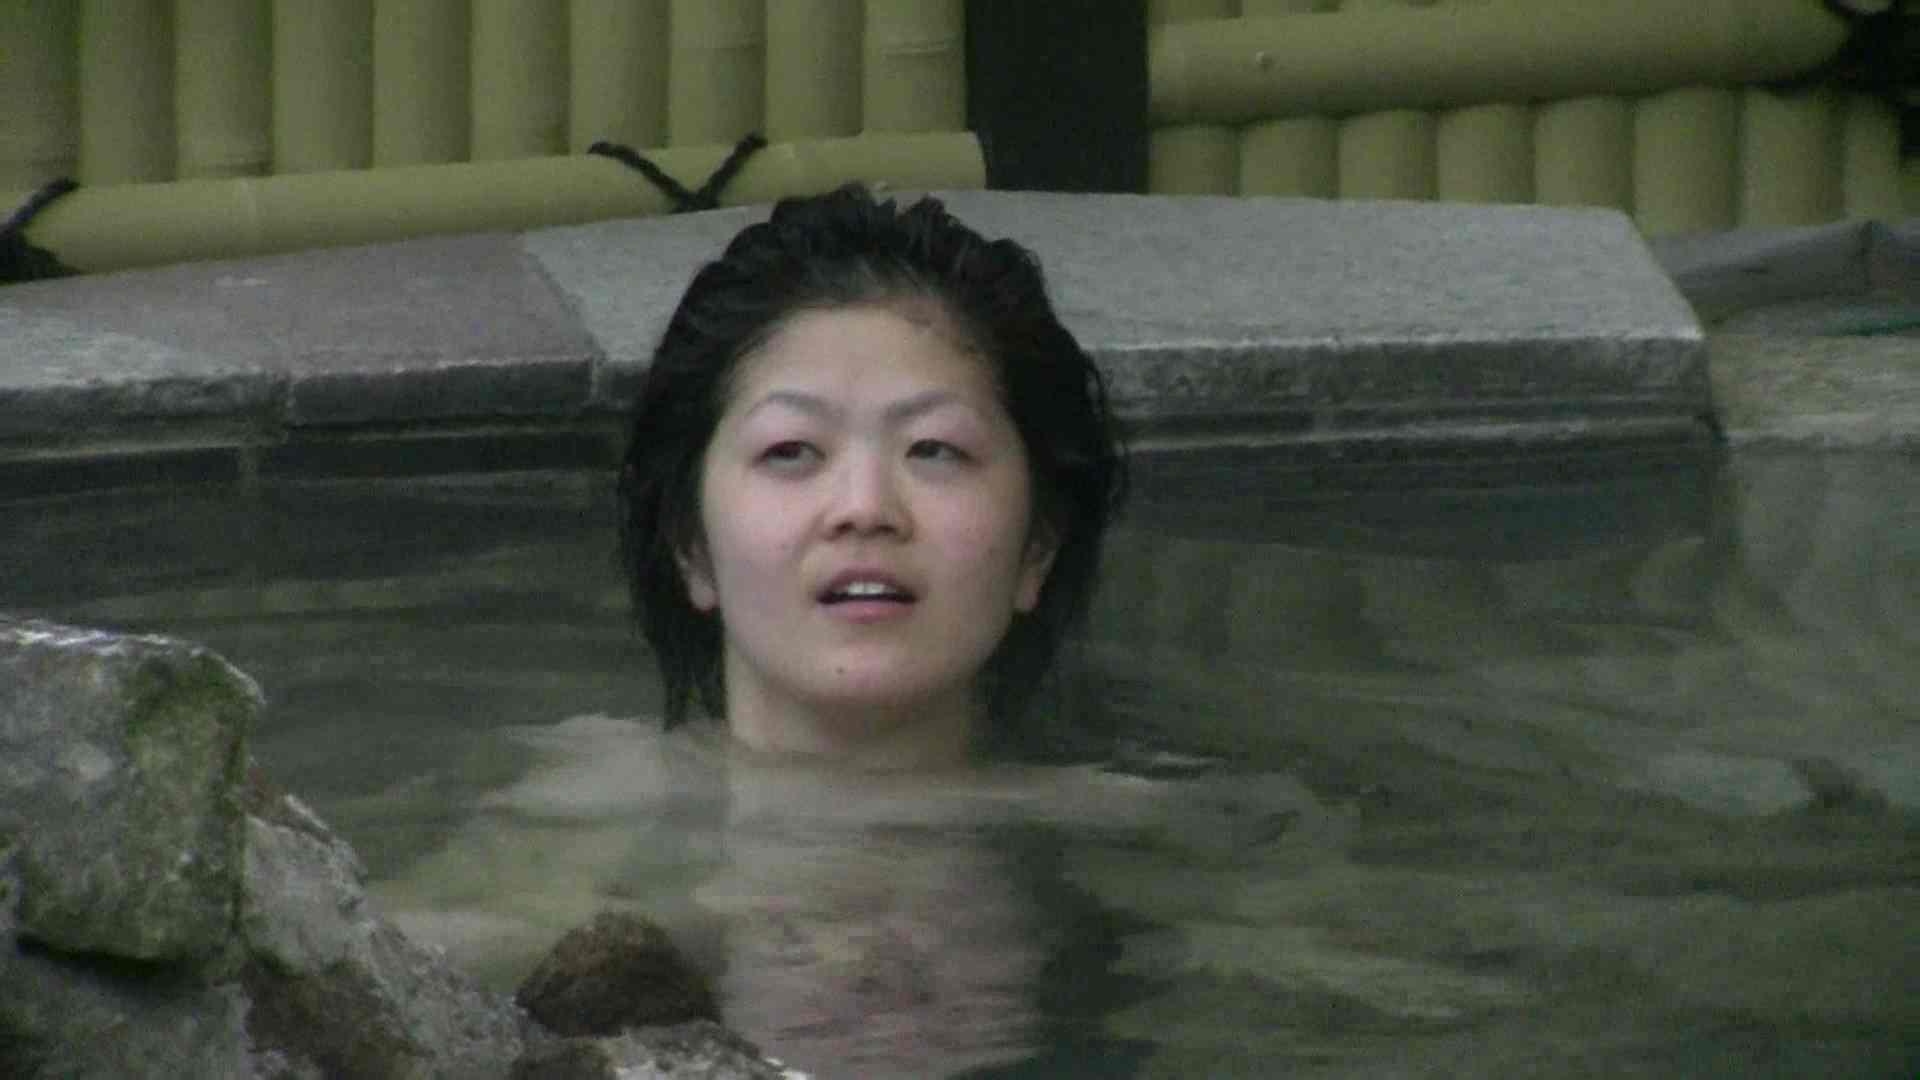 Aquaな露天風呂Vol.538 OLのエロ生活  90連発 3